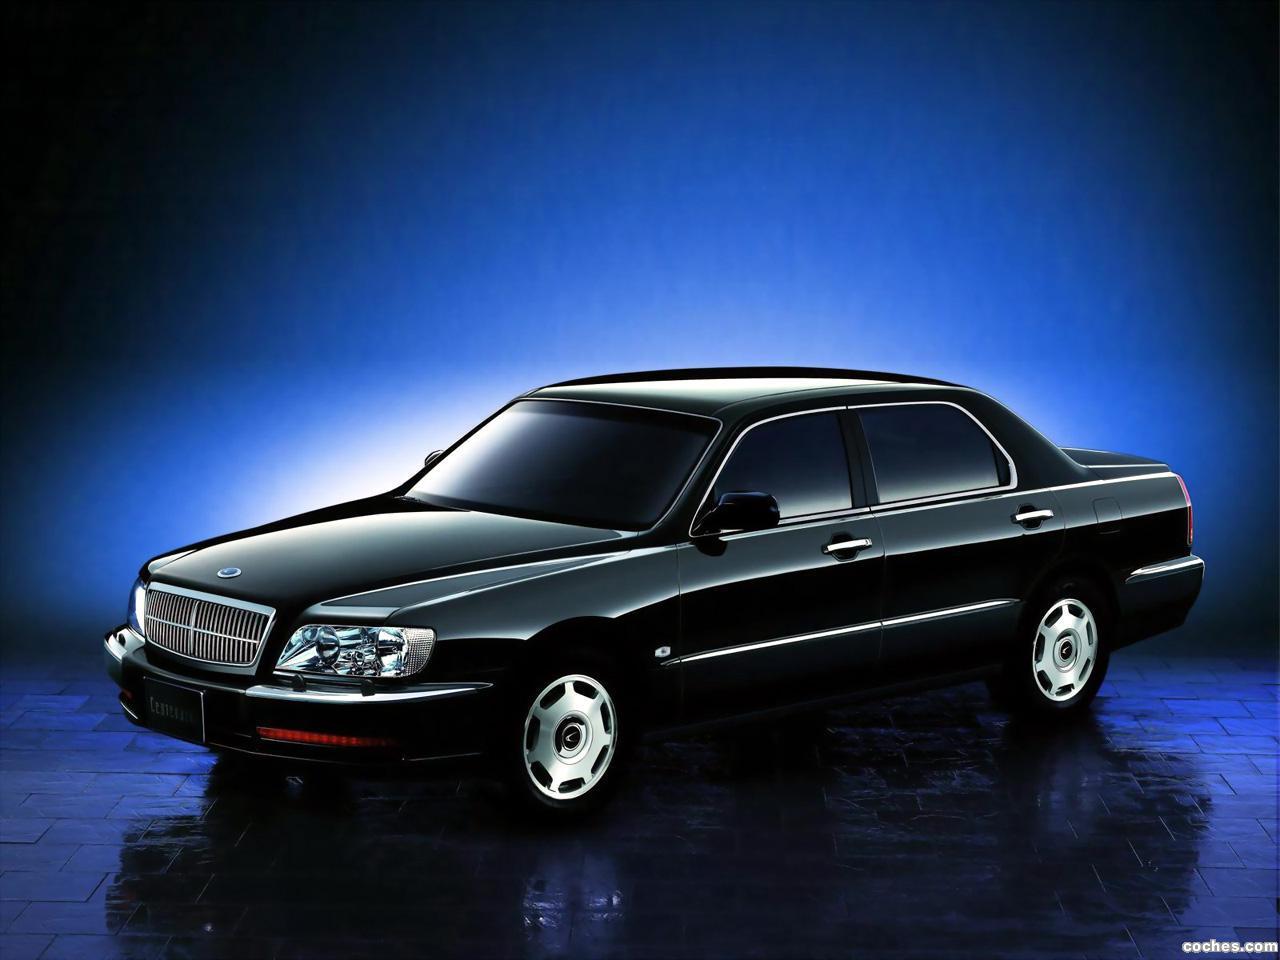 Foto 0 de Hyundai Centennial 1999